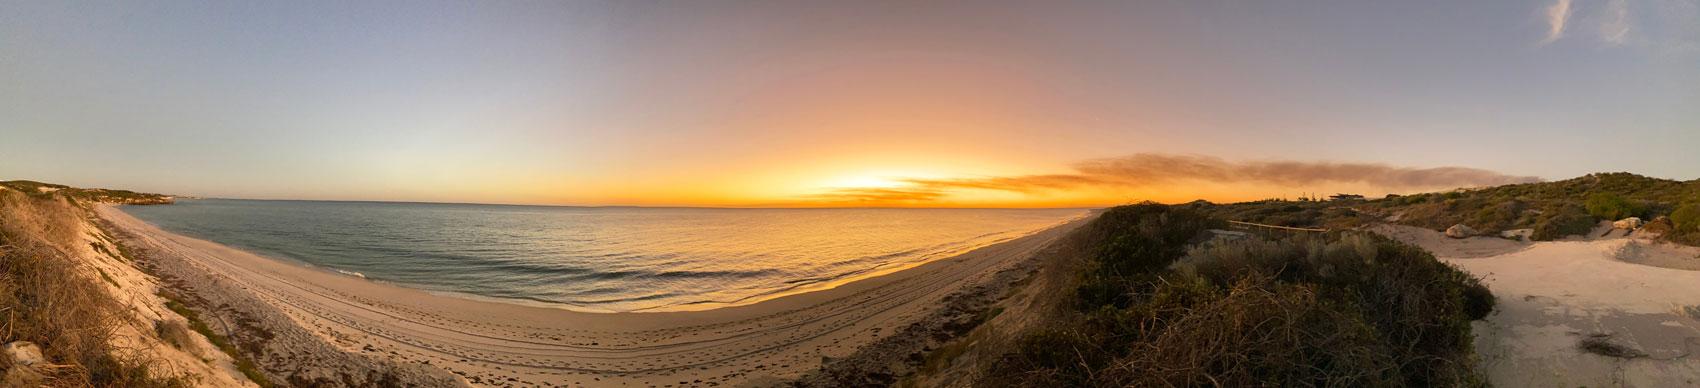 photo immersive panorama